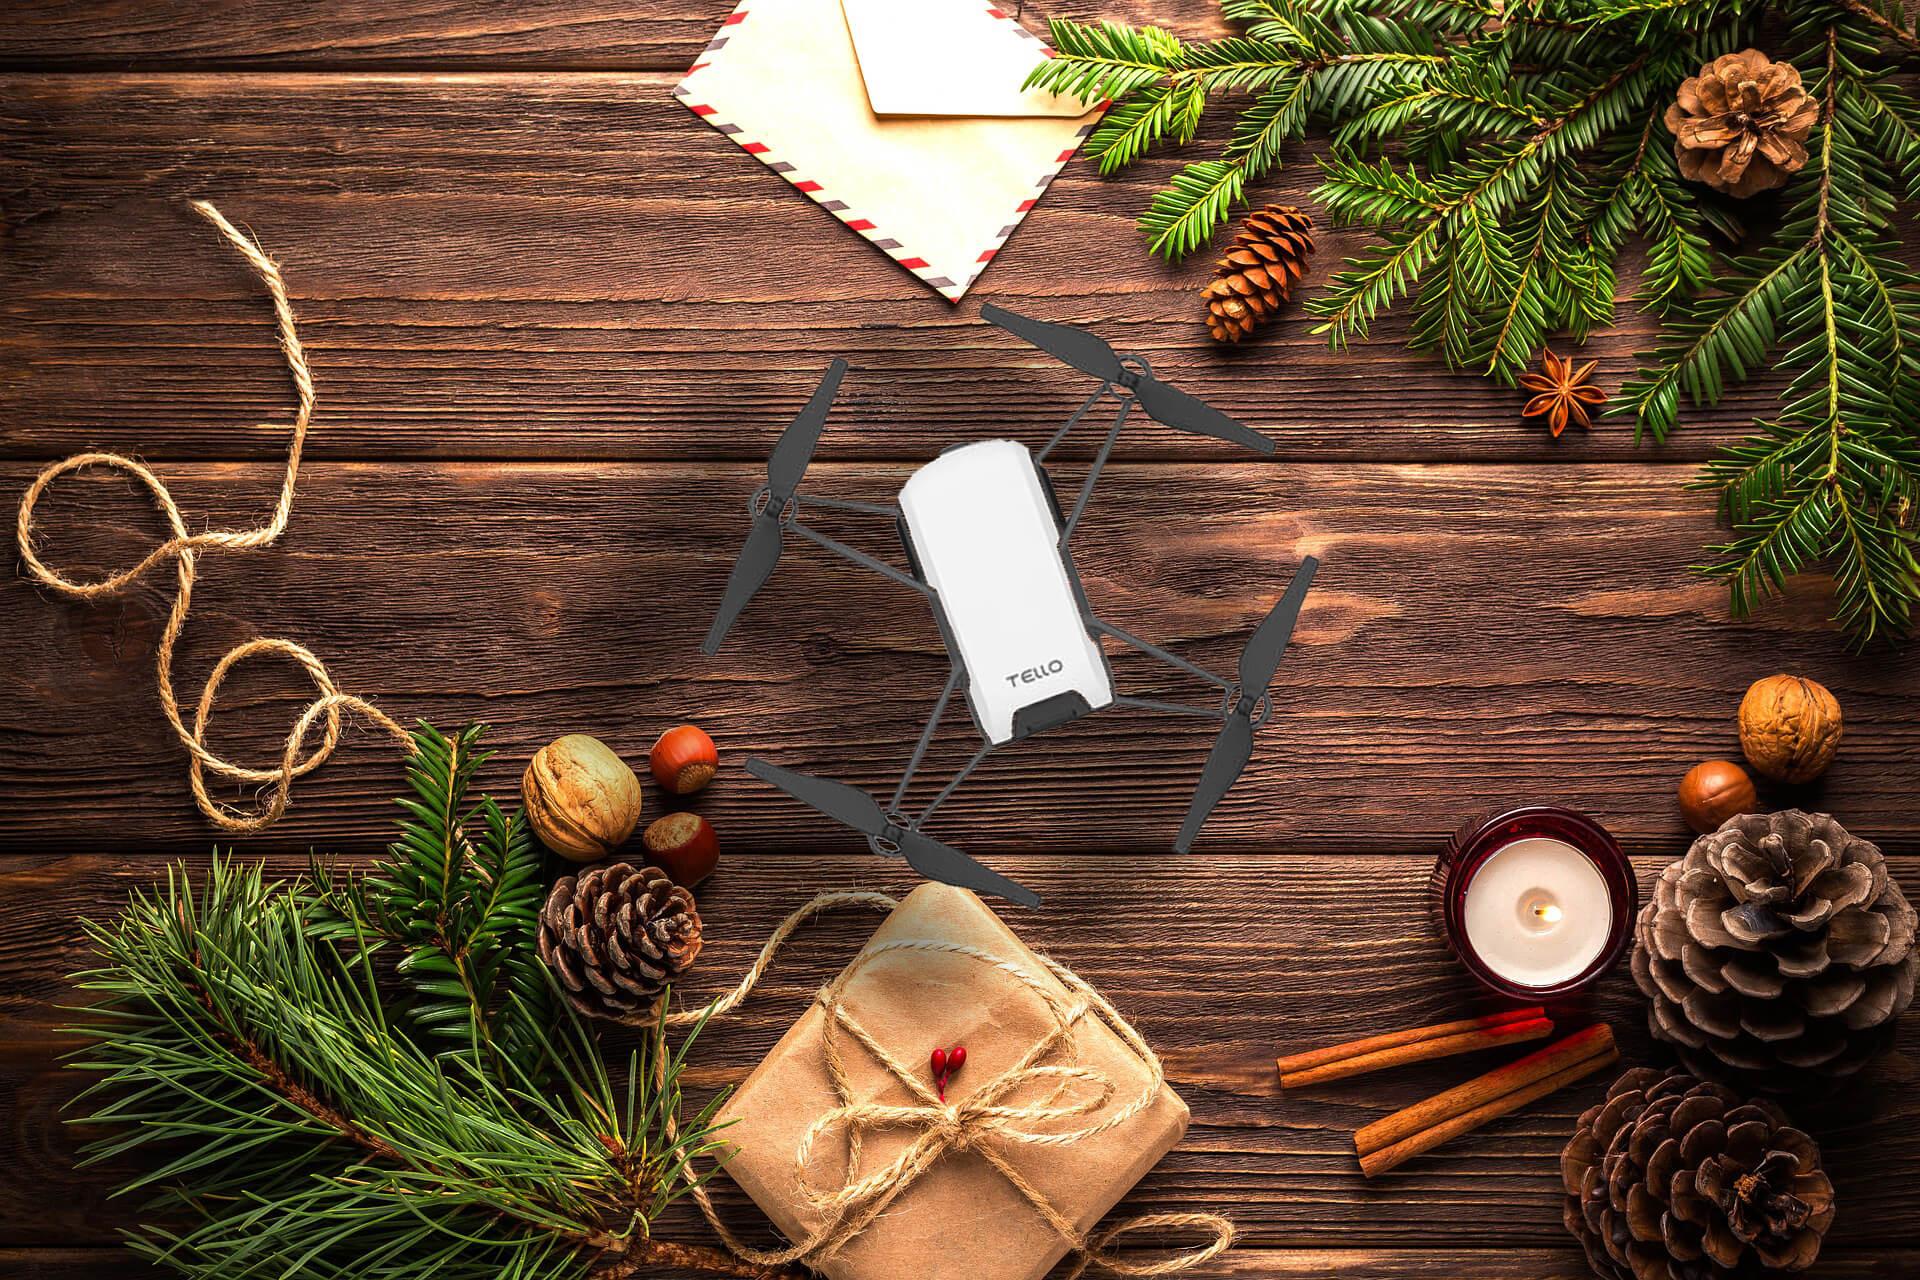 die 10 besten geschenke f r drohnenpiloten dein drohnenpilot. Black Bedroom Furniture Sets. Home Design Ideas